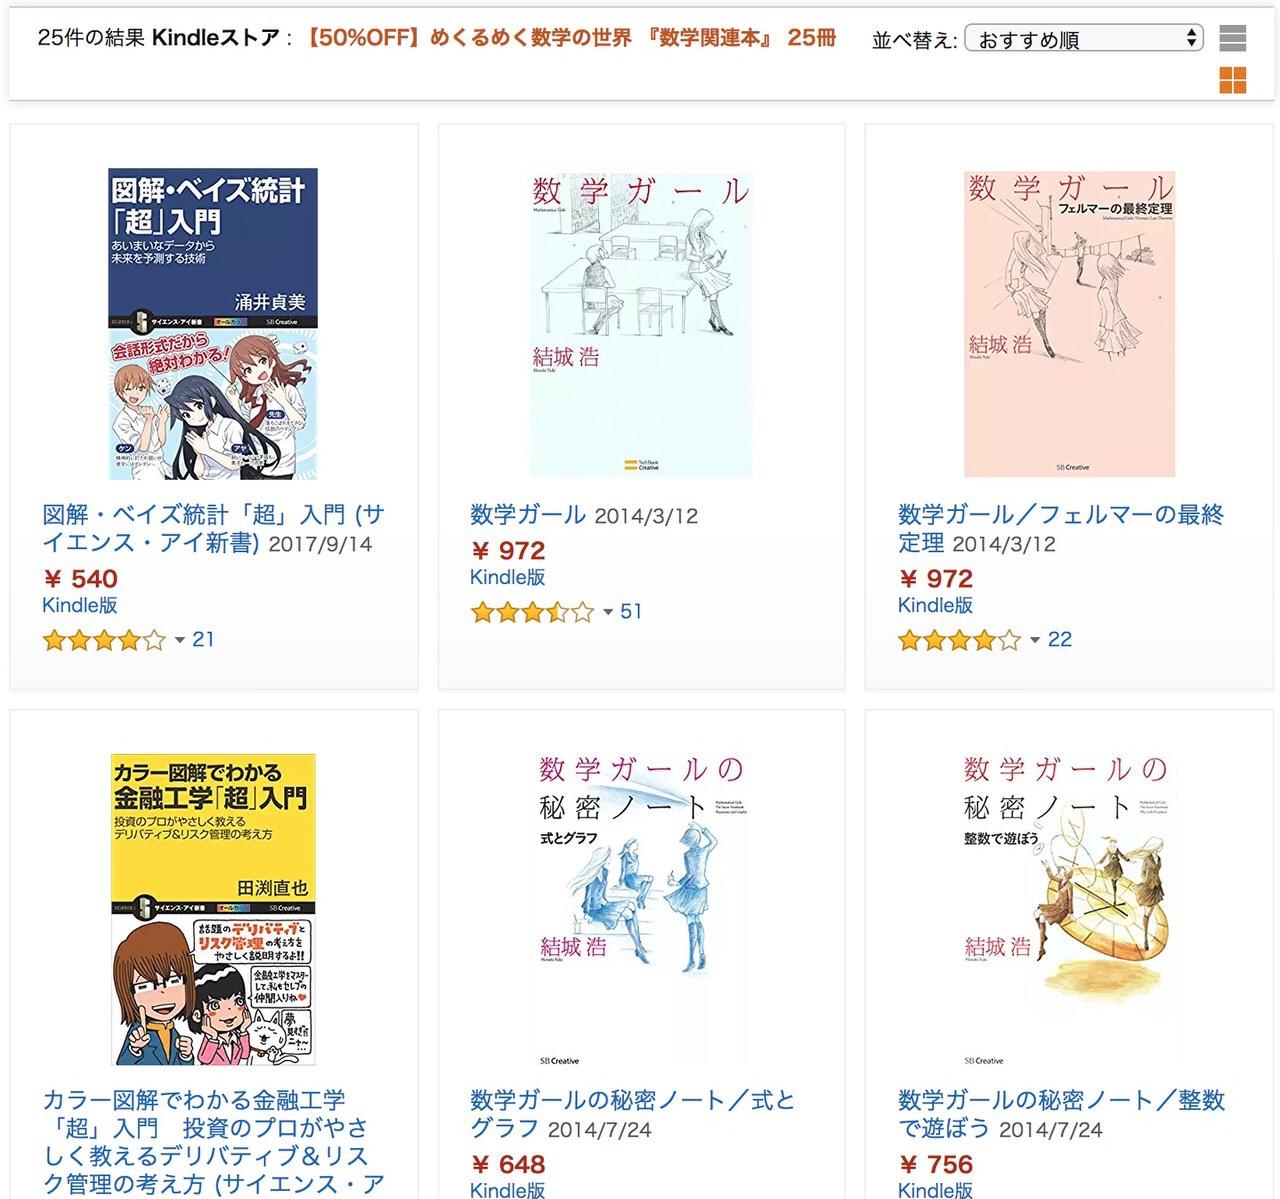 【Kindleセール】50%OFF「めくるめく数学の世界 『数学関連本』」フェア(4/26まで)〜数学ガールなど